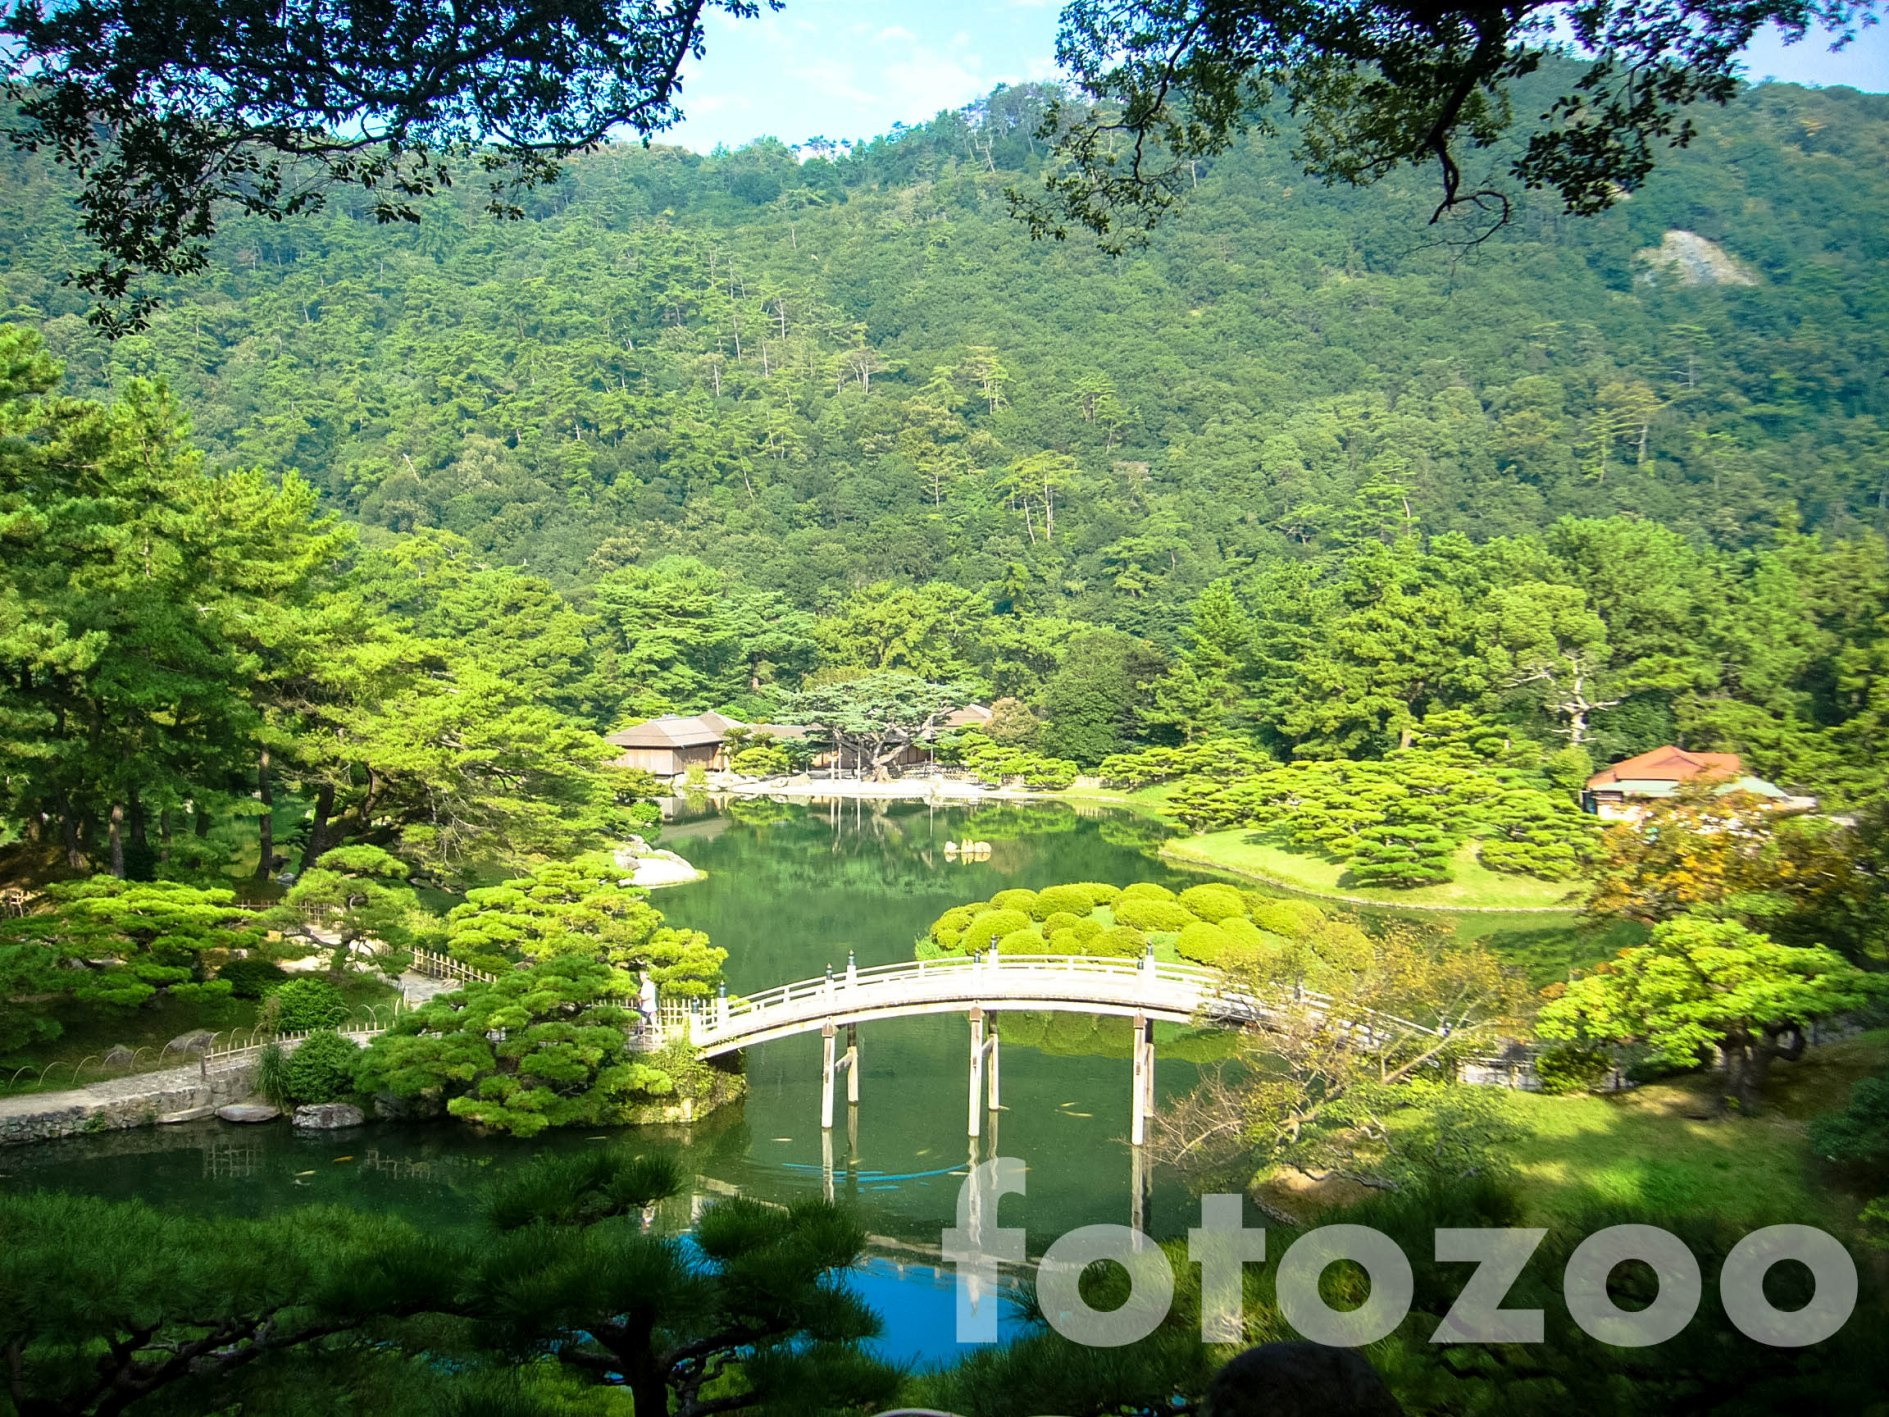 Takamatsu legnagyobb látványossága, a káprázatos Ritsurin Koen.